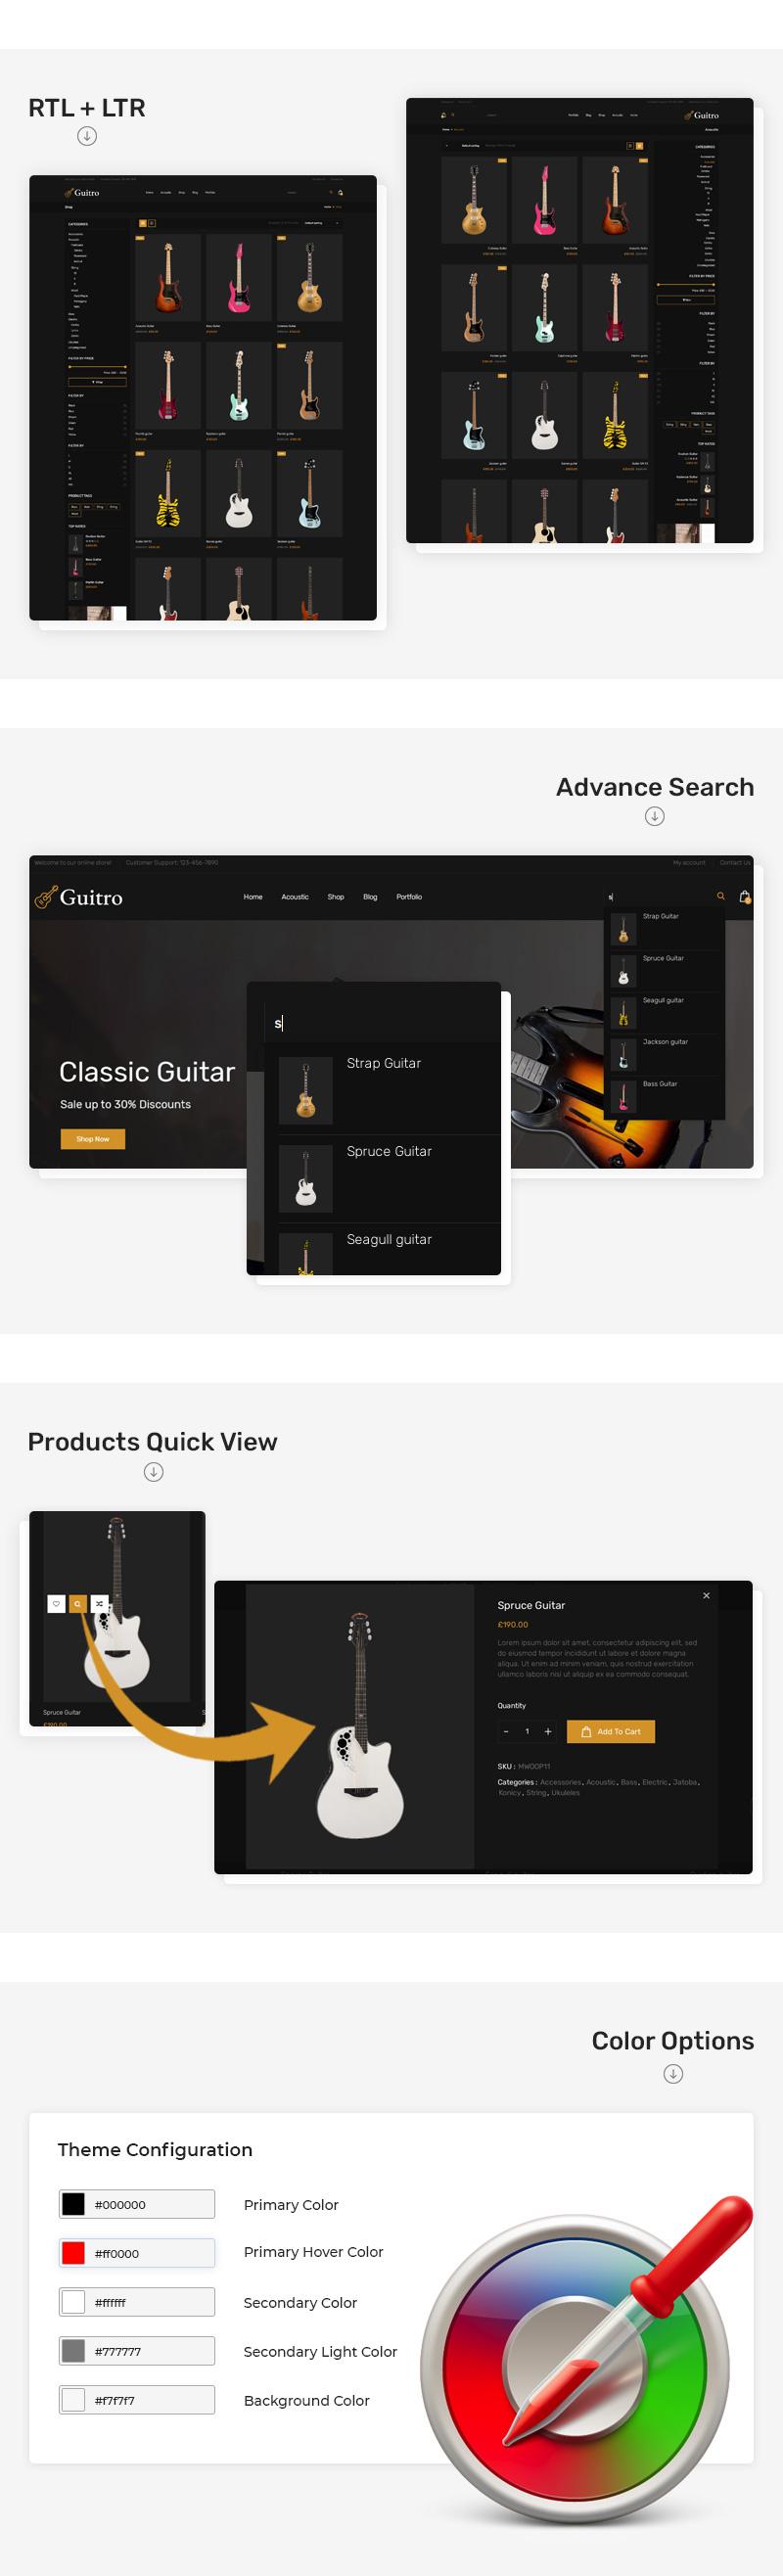 guitro-features-2.jpg